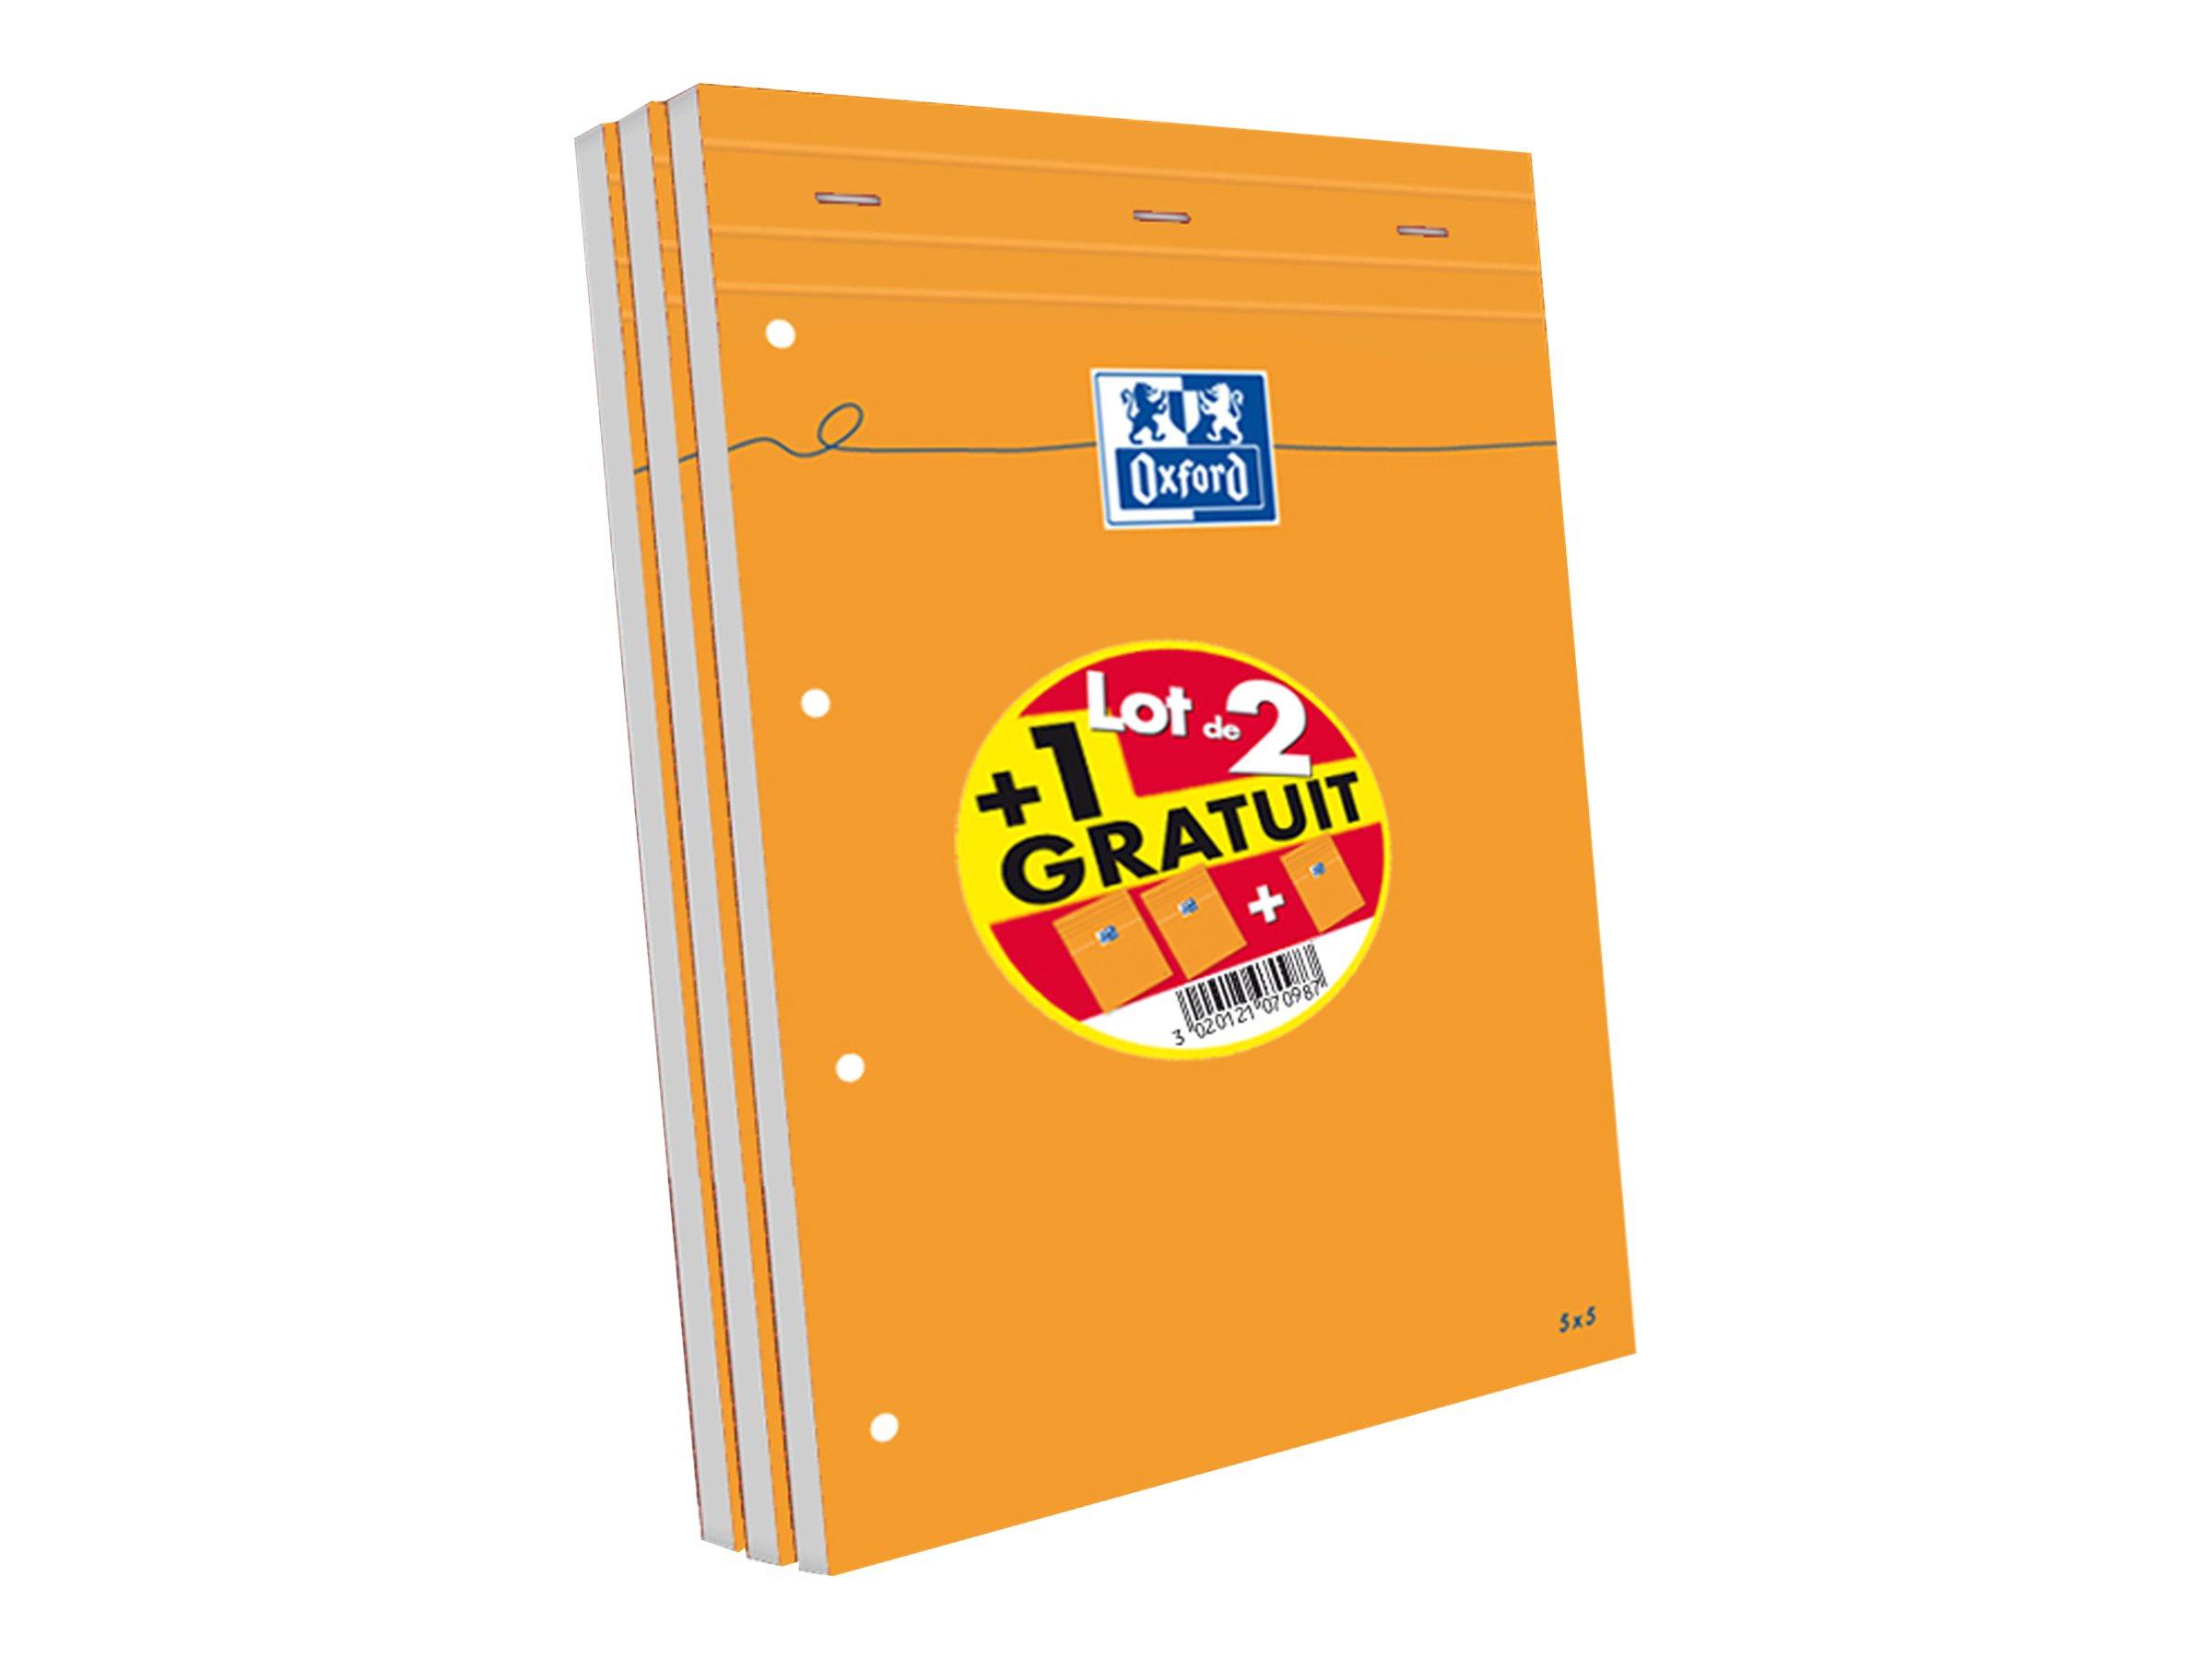 Oxford - Pack de 3 Blocs notes - A4 + - 160 pages - petits carreaux - perforés